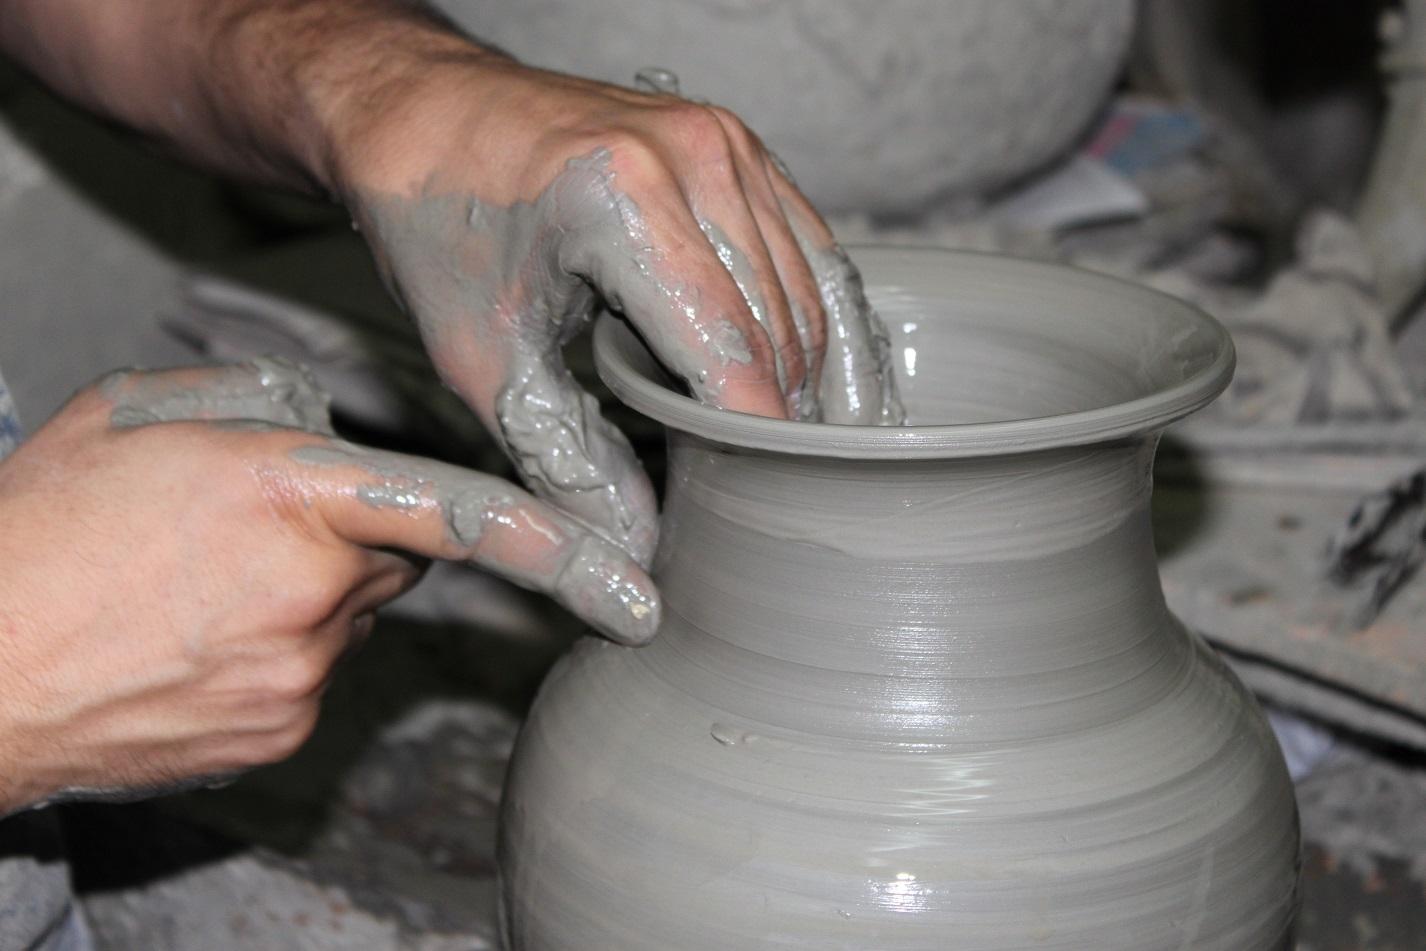 Crea e dipingi le tue creazioni in ceramica in un laboratorio artigianale